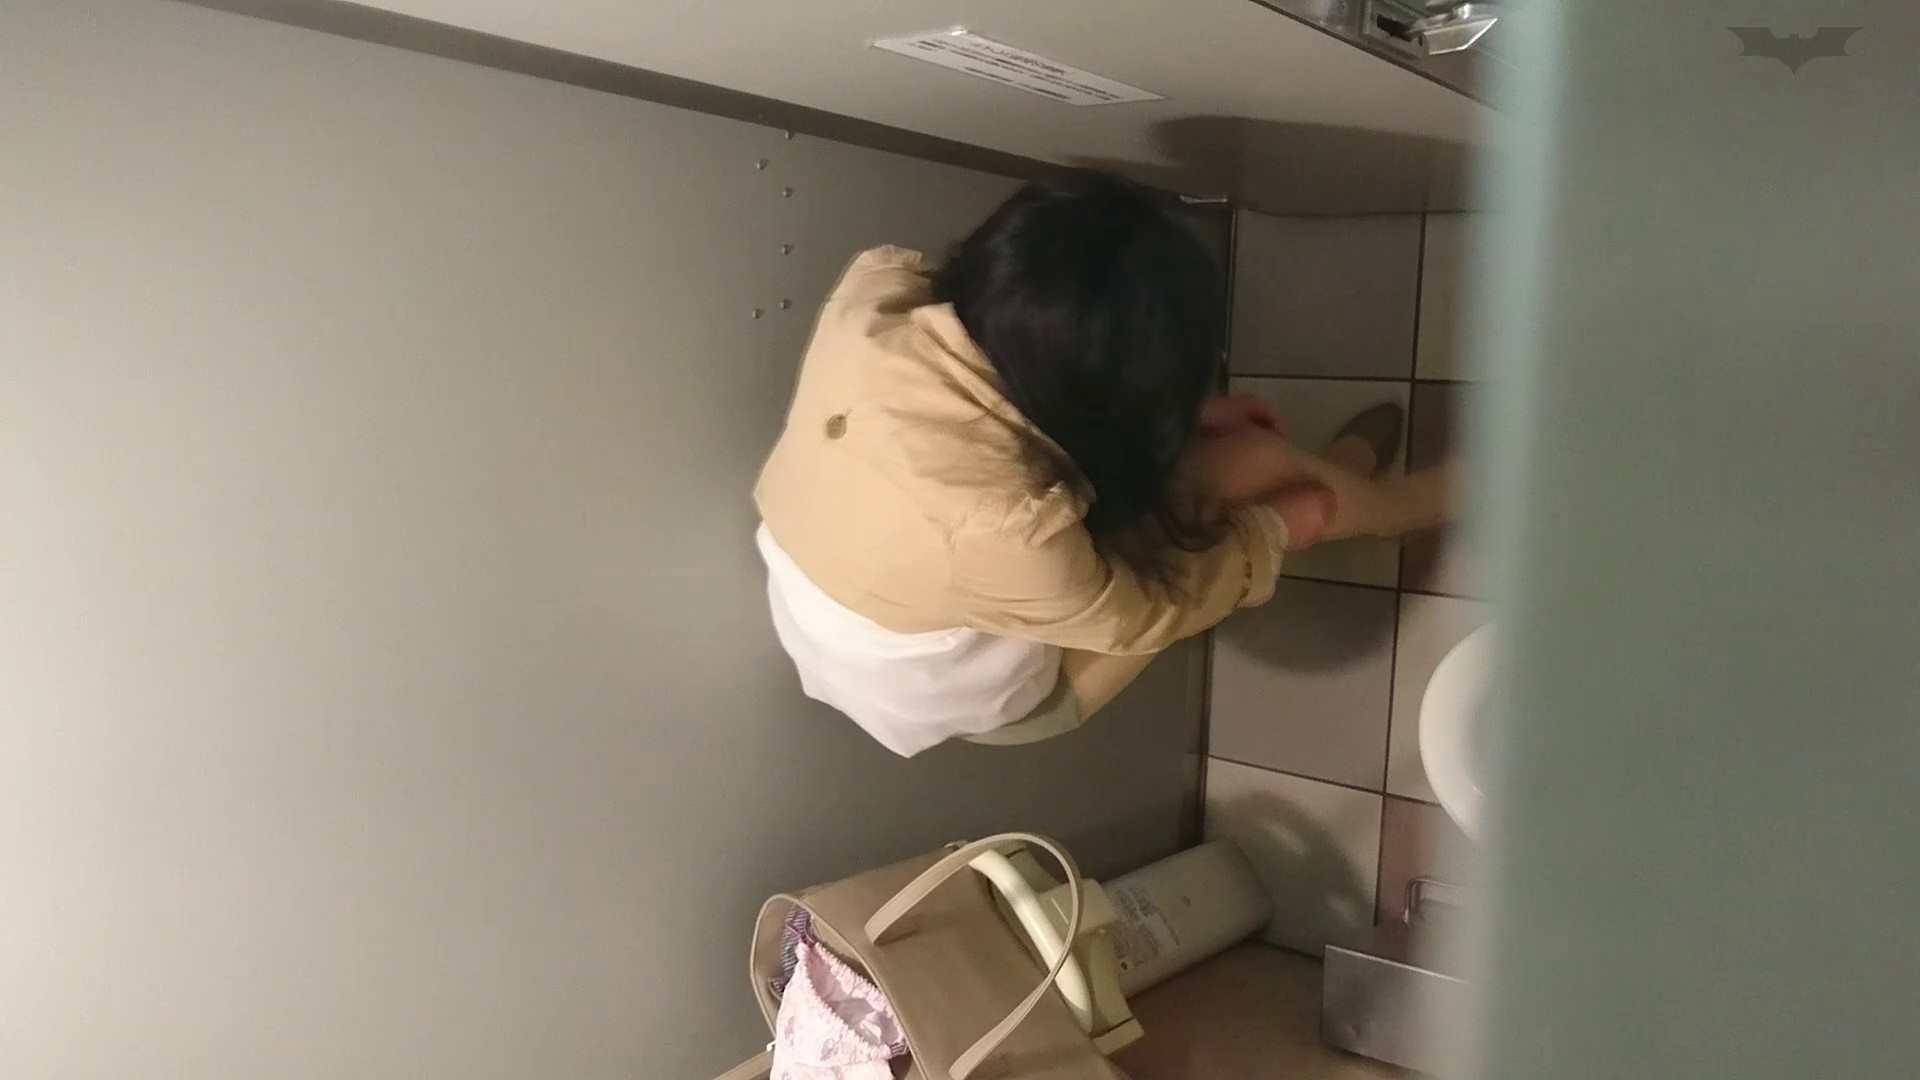 化粧室絵巻 ショッピングモール編 VOL.19 OL  93pic 61